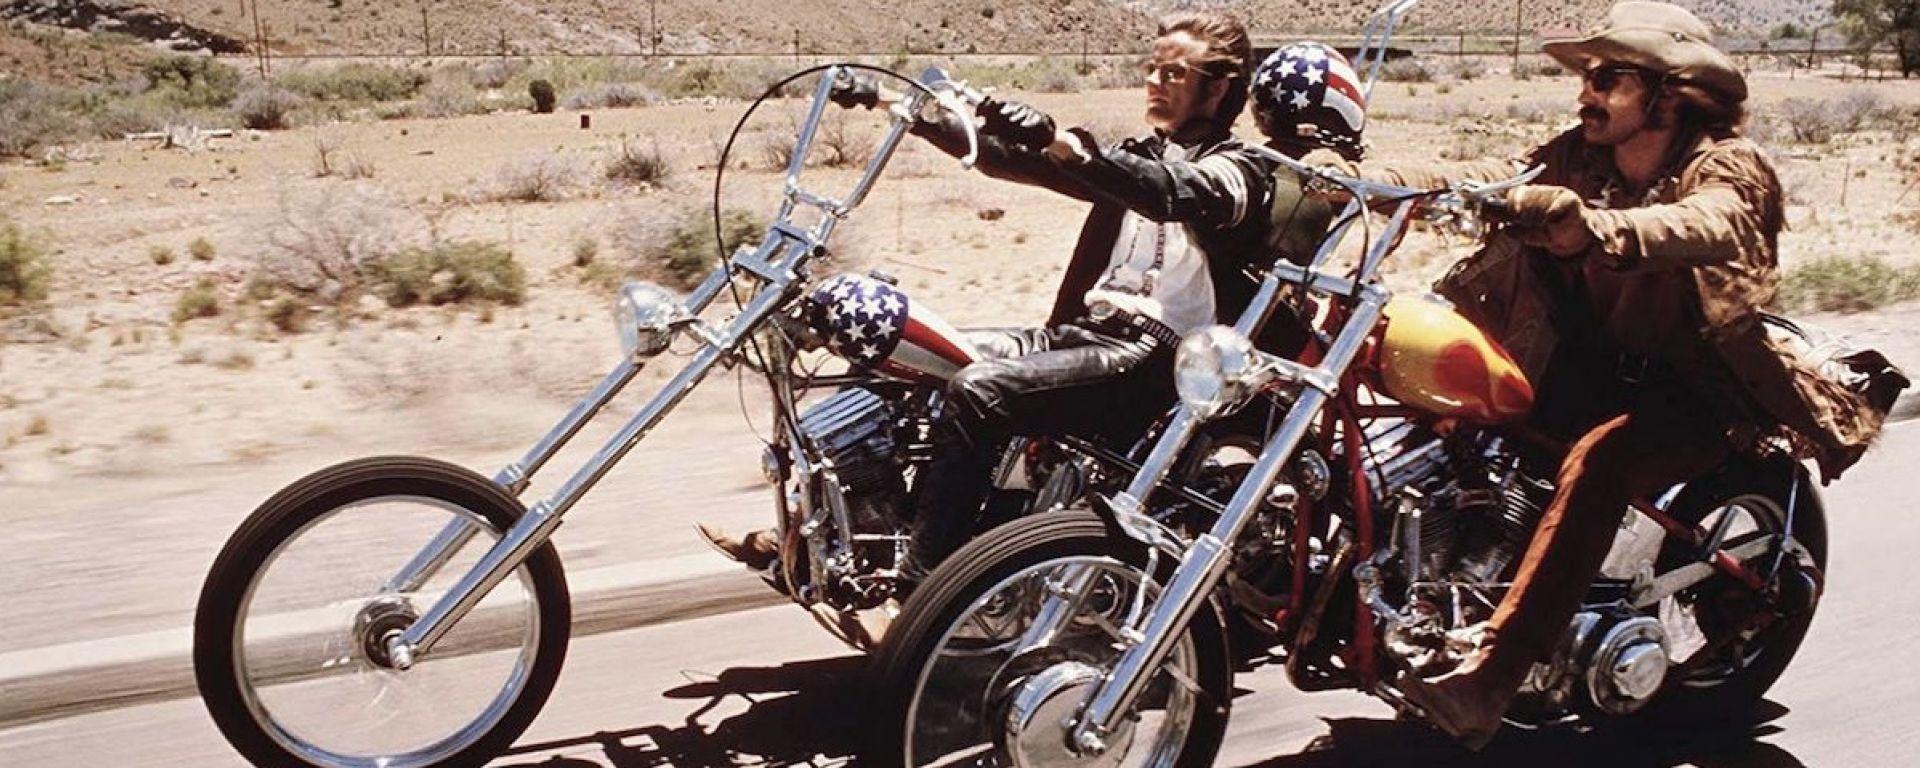 I dieci migliori road movie di sempre: Easy Rider